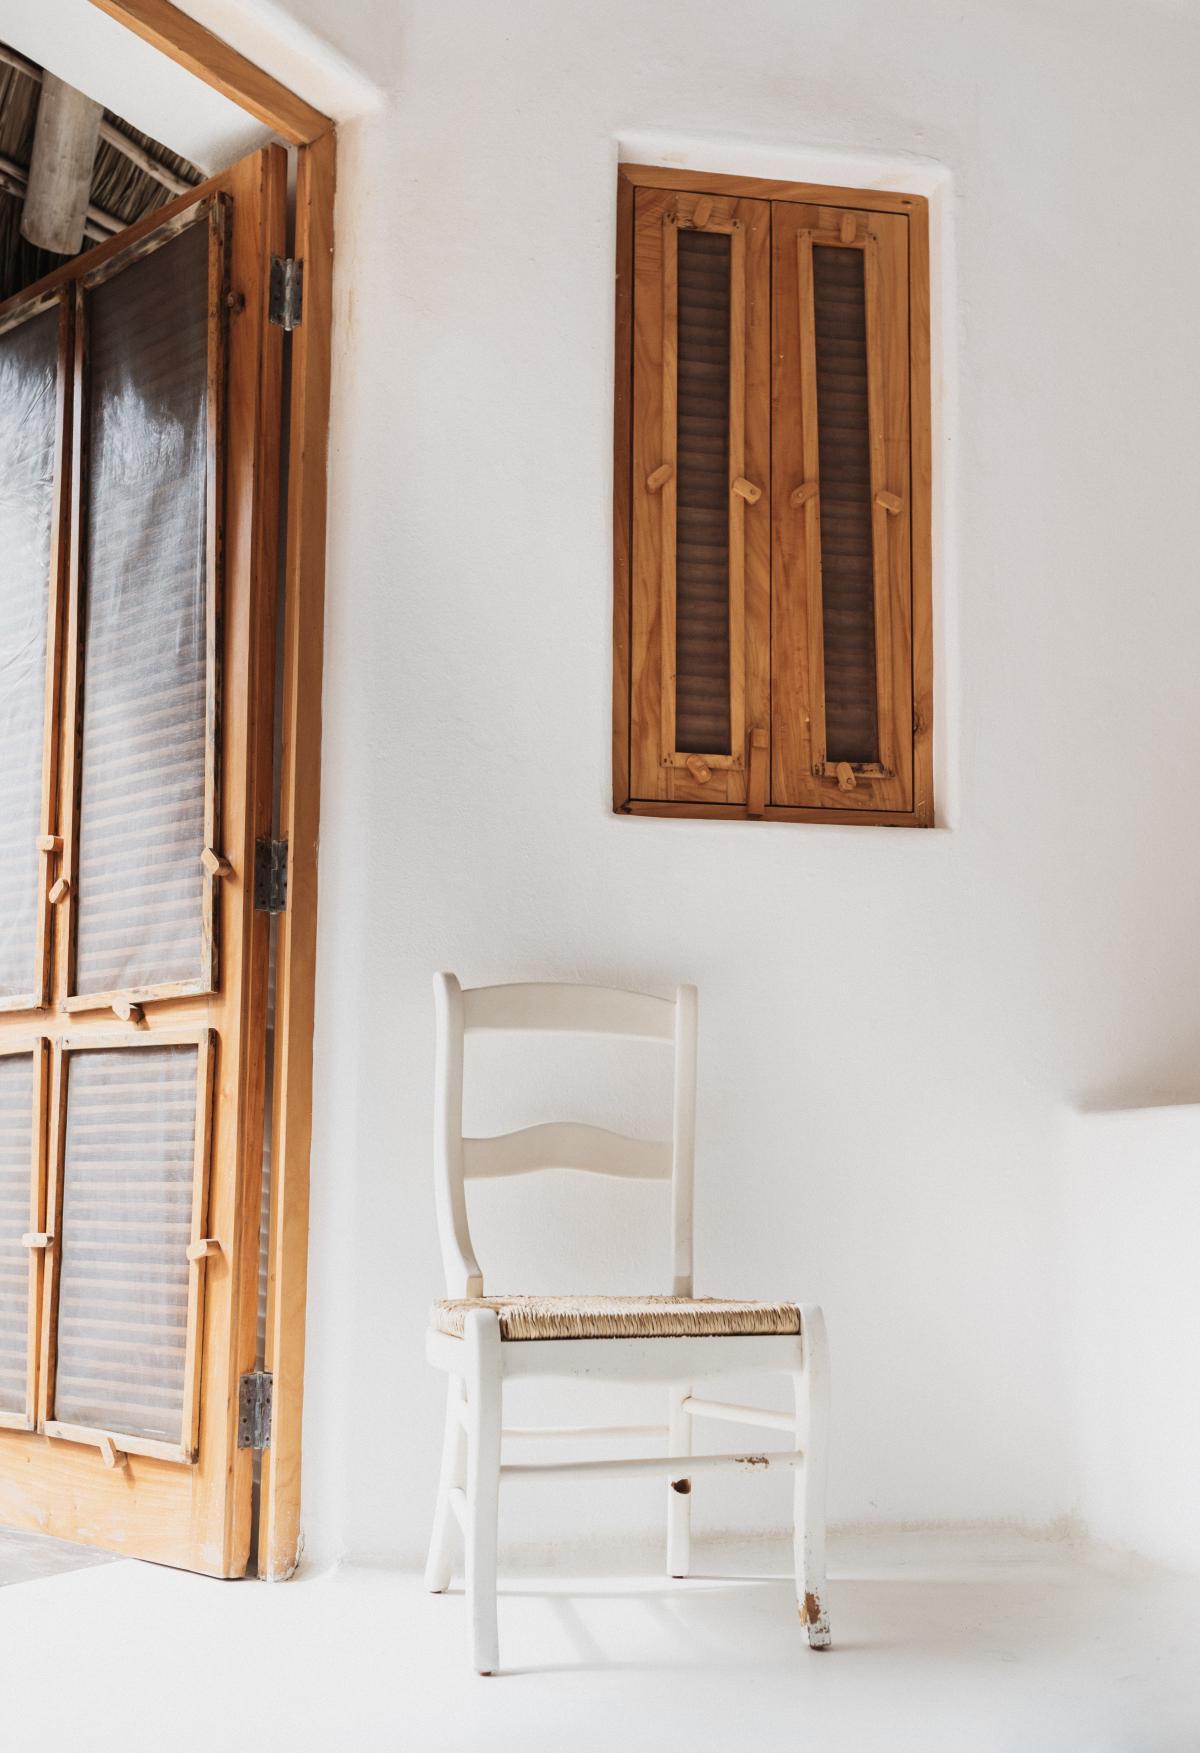 Interior Room Furniture #426346